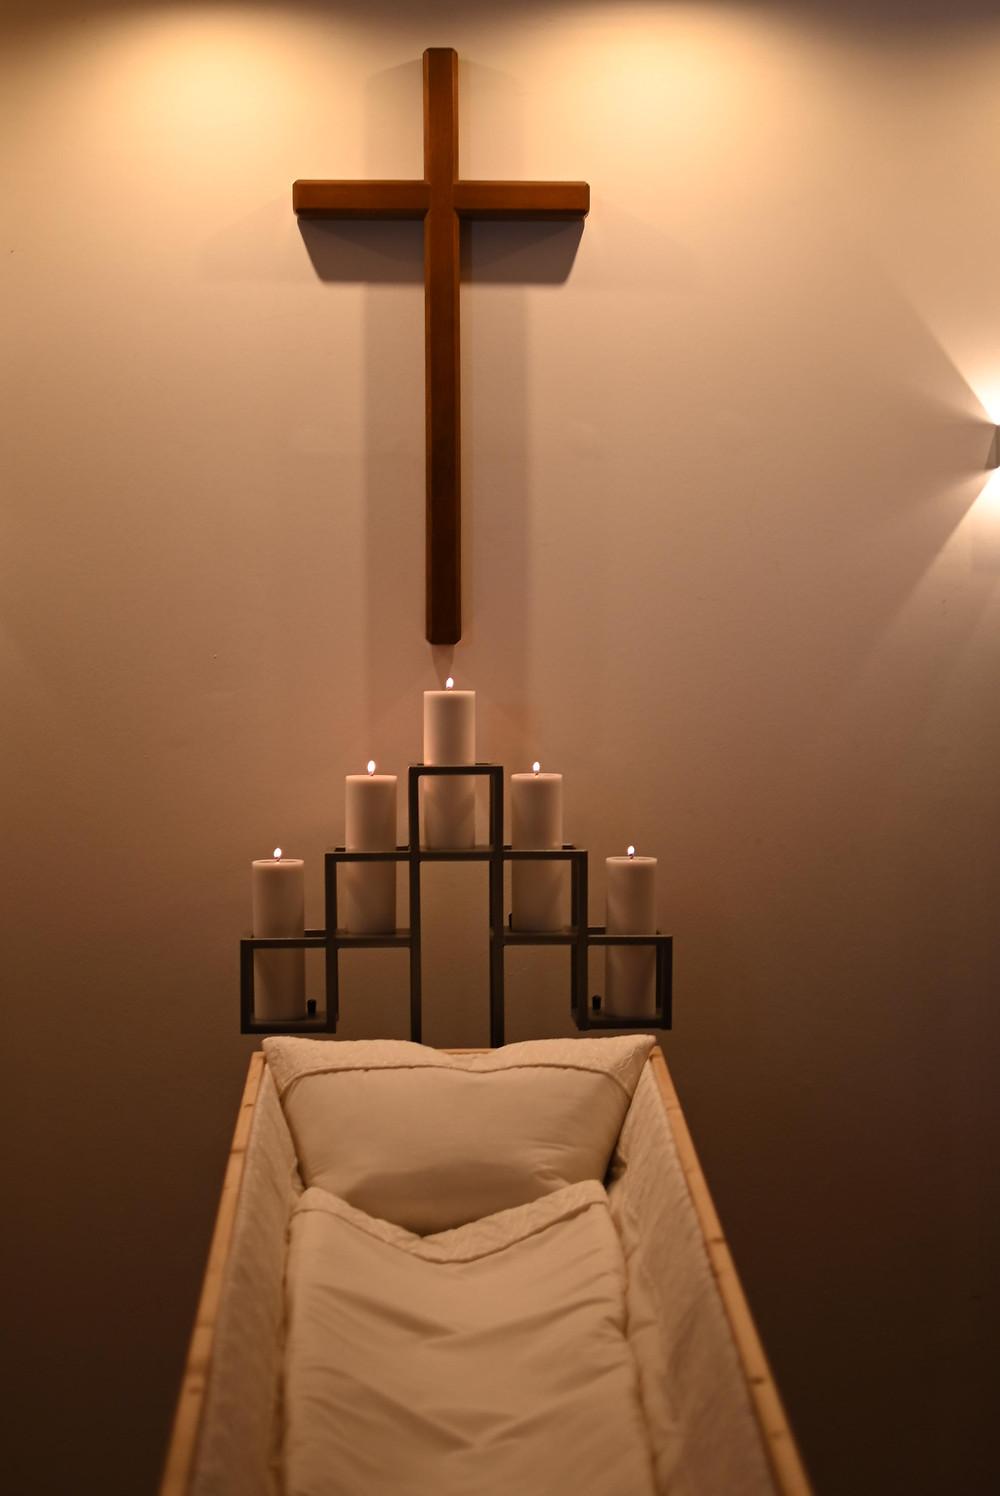 Der Abschiedsraum. Ein weiß ausgepolsterter Sarg, am Kopfende stehen fünf Blockkerzen in einer Halterung, an der Wand über dem Sarg hängt ein schlichtes Holzkreuz. Von der Decke kommt schummriges Licht.